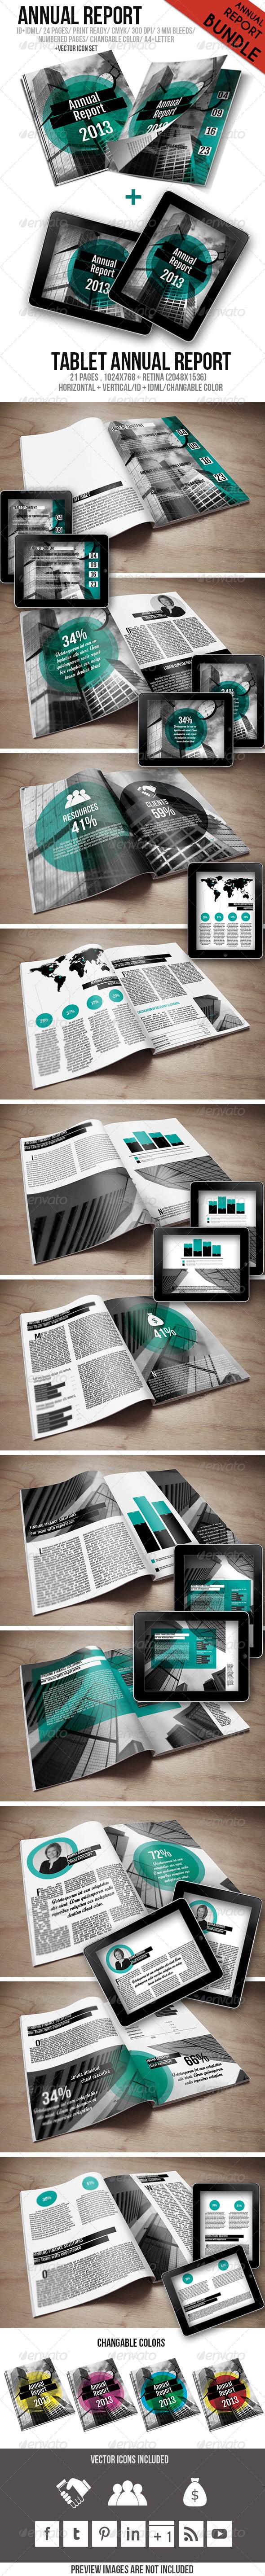 GraphicRiver Annual Report Bundle 6189953